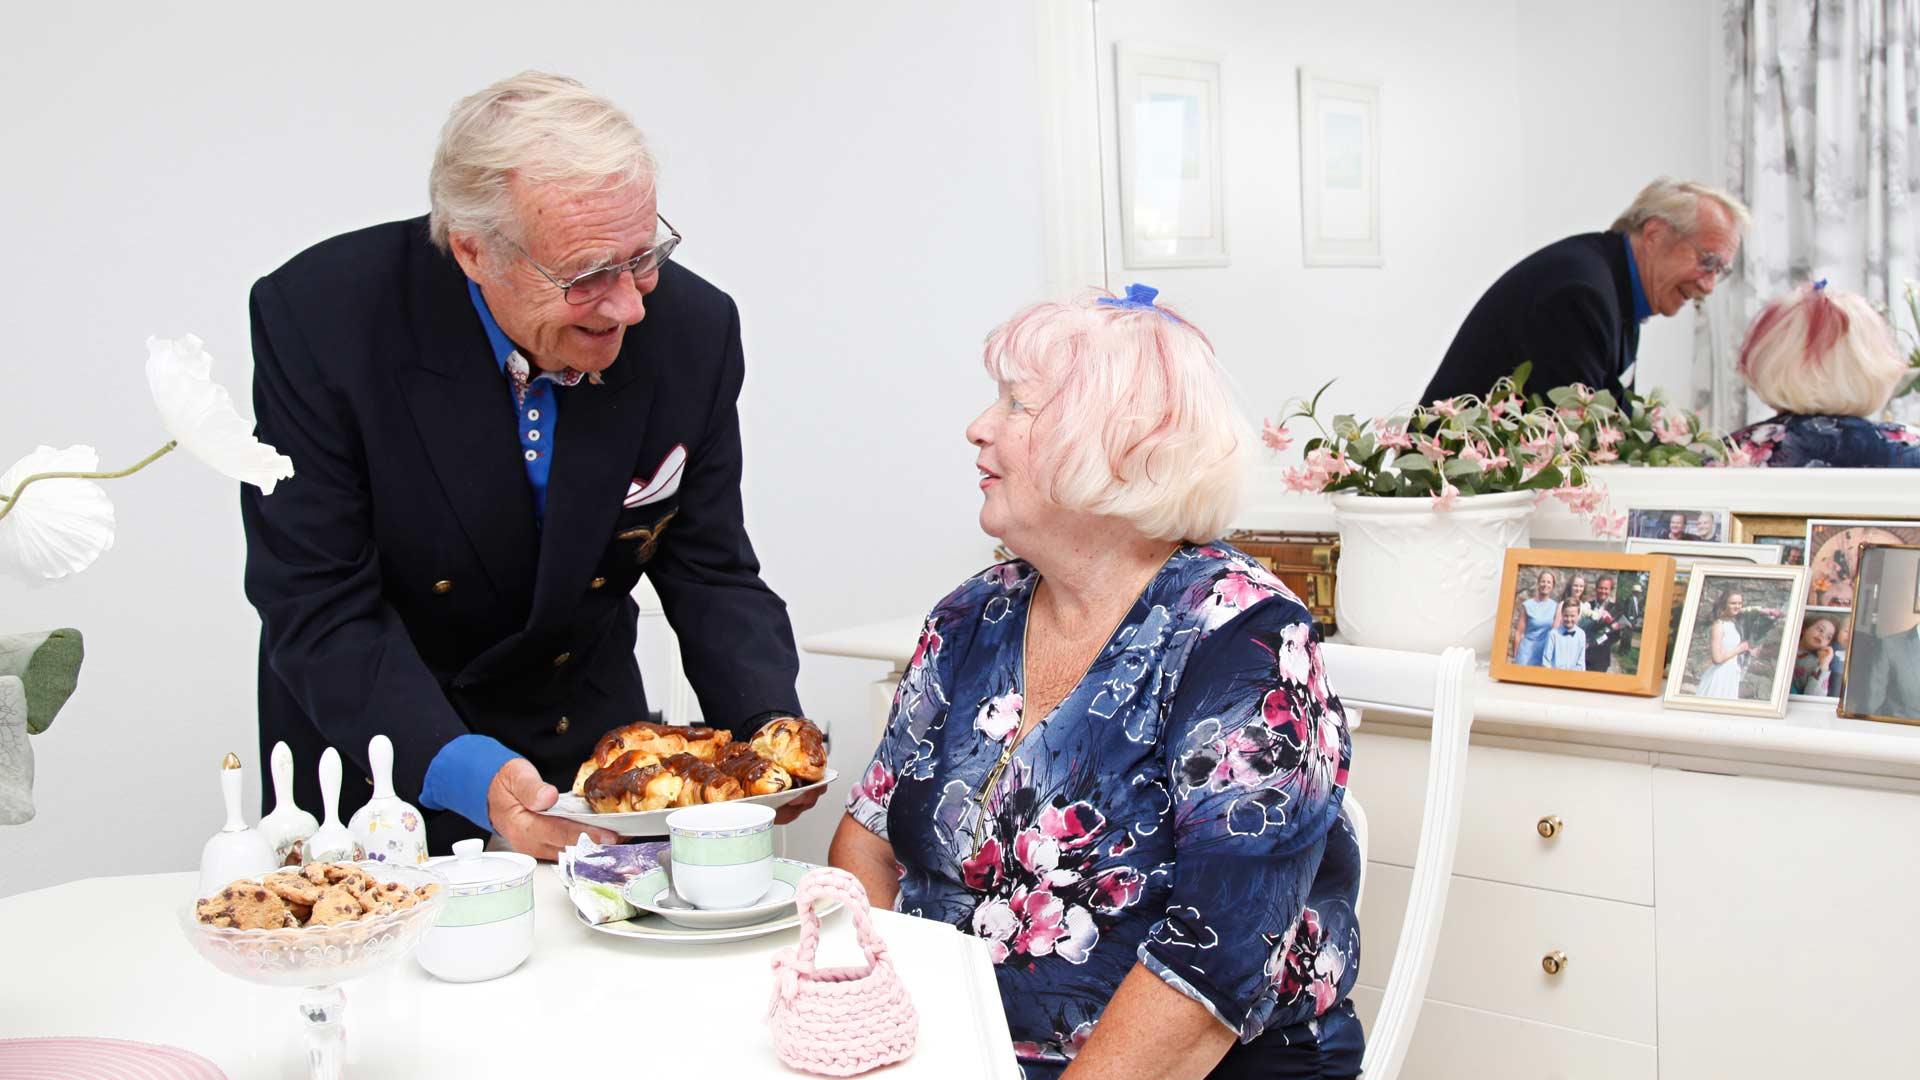 Jorma Pulkkinen häärää mielellään Benalmadenan-kodissa. Hän passaa vaimoaan Anna-Liisaa keittelemällä kahvit ja tarjoamalla leipomosta hakemansa herkut.